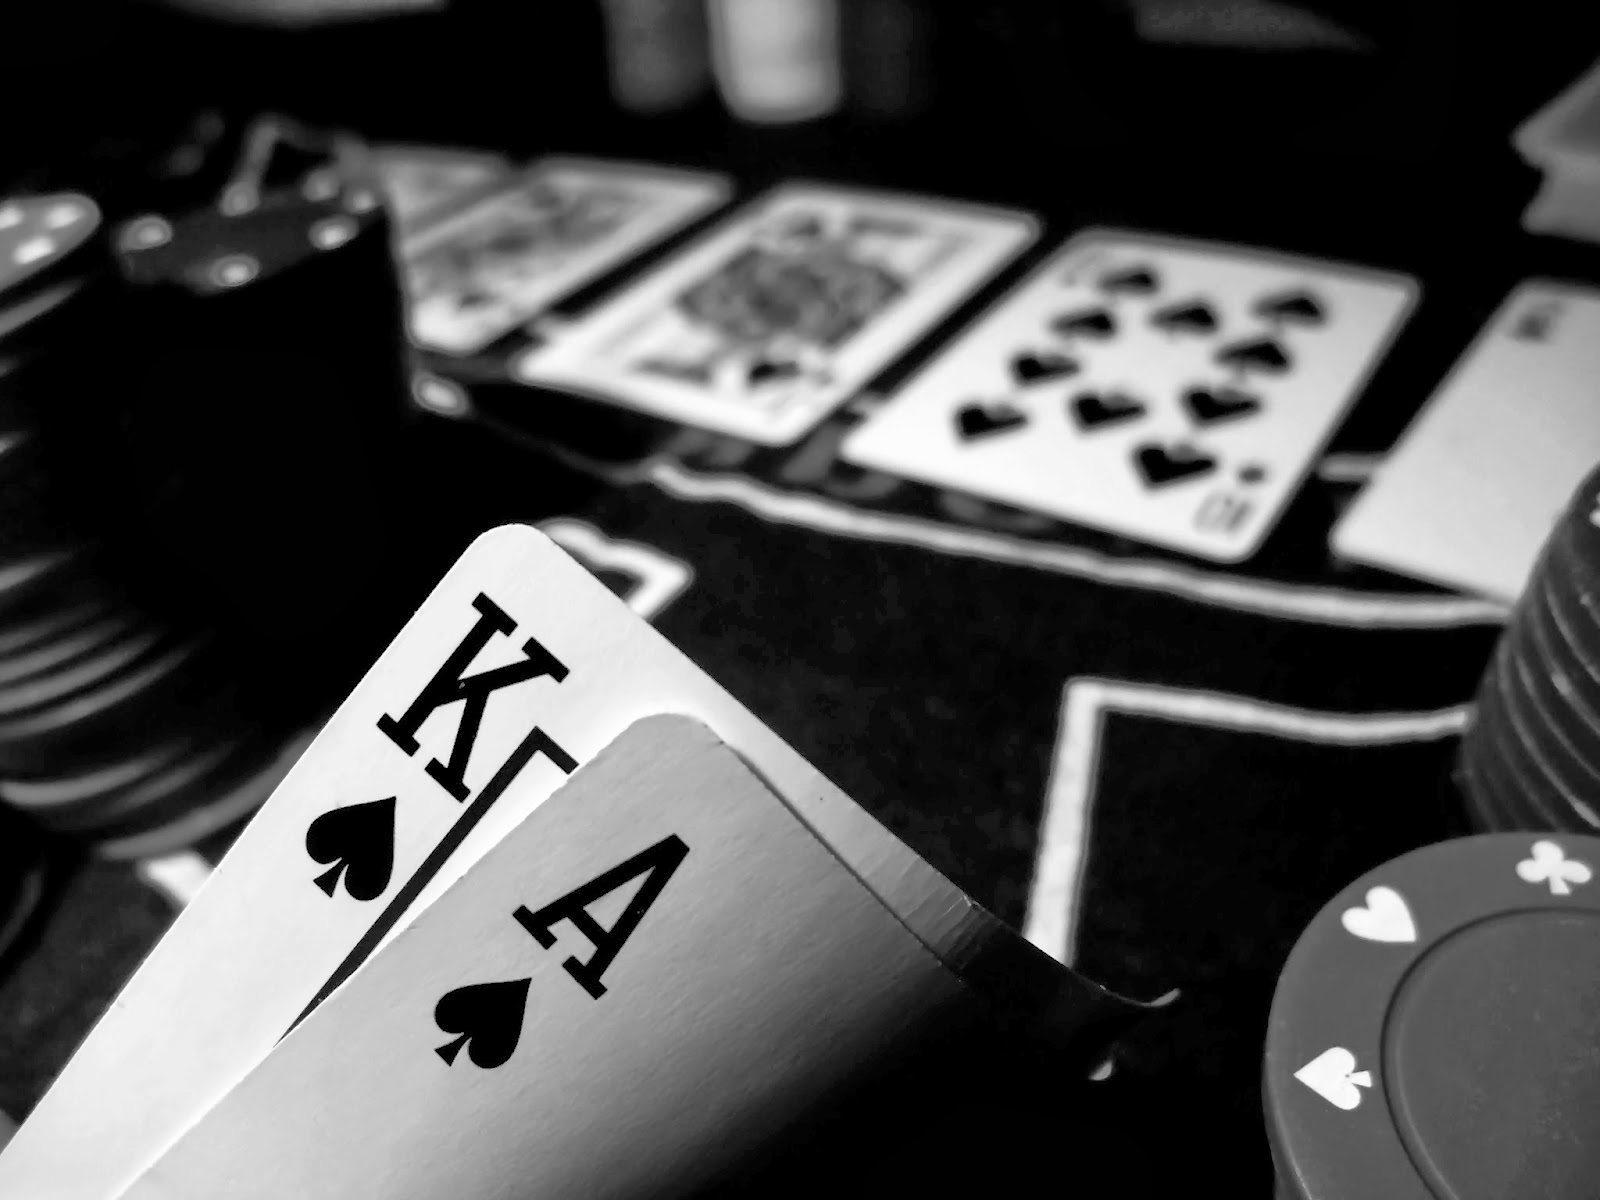 Ketahui Cara Download Aplikasi Poker Online Android Terpercaya